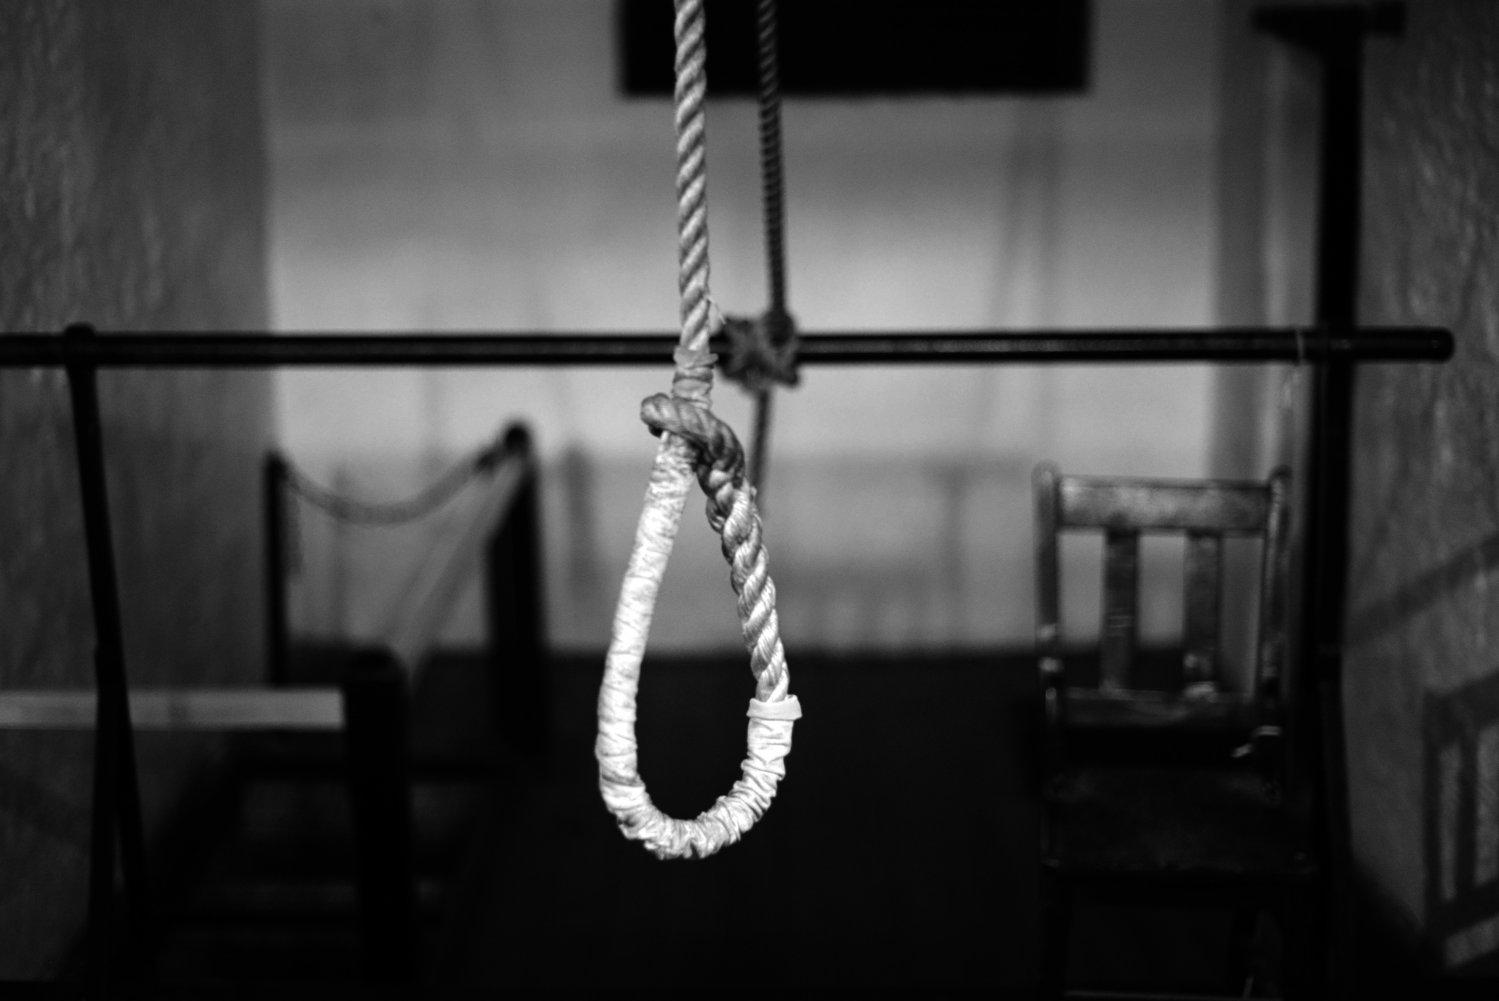 Afbeeldingsresultaat voor zelfmoord opgehangen